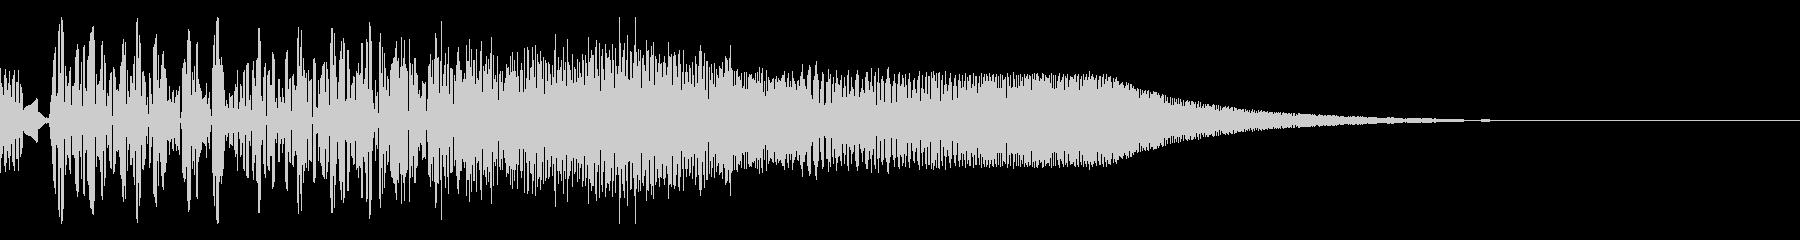 バシャッ01(水・液体系のアクション音)の未再生の波形